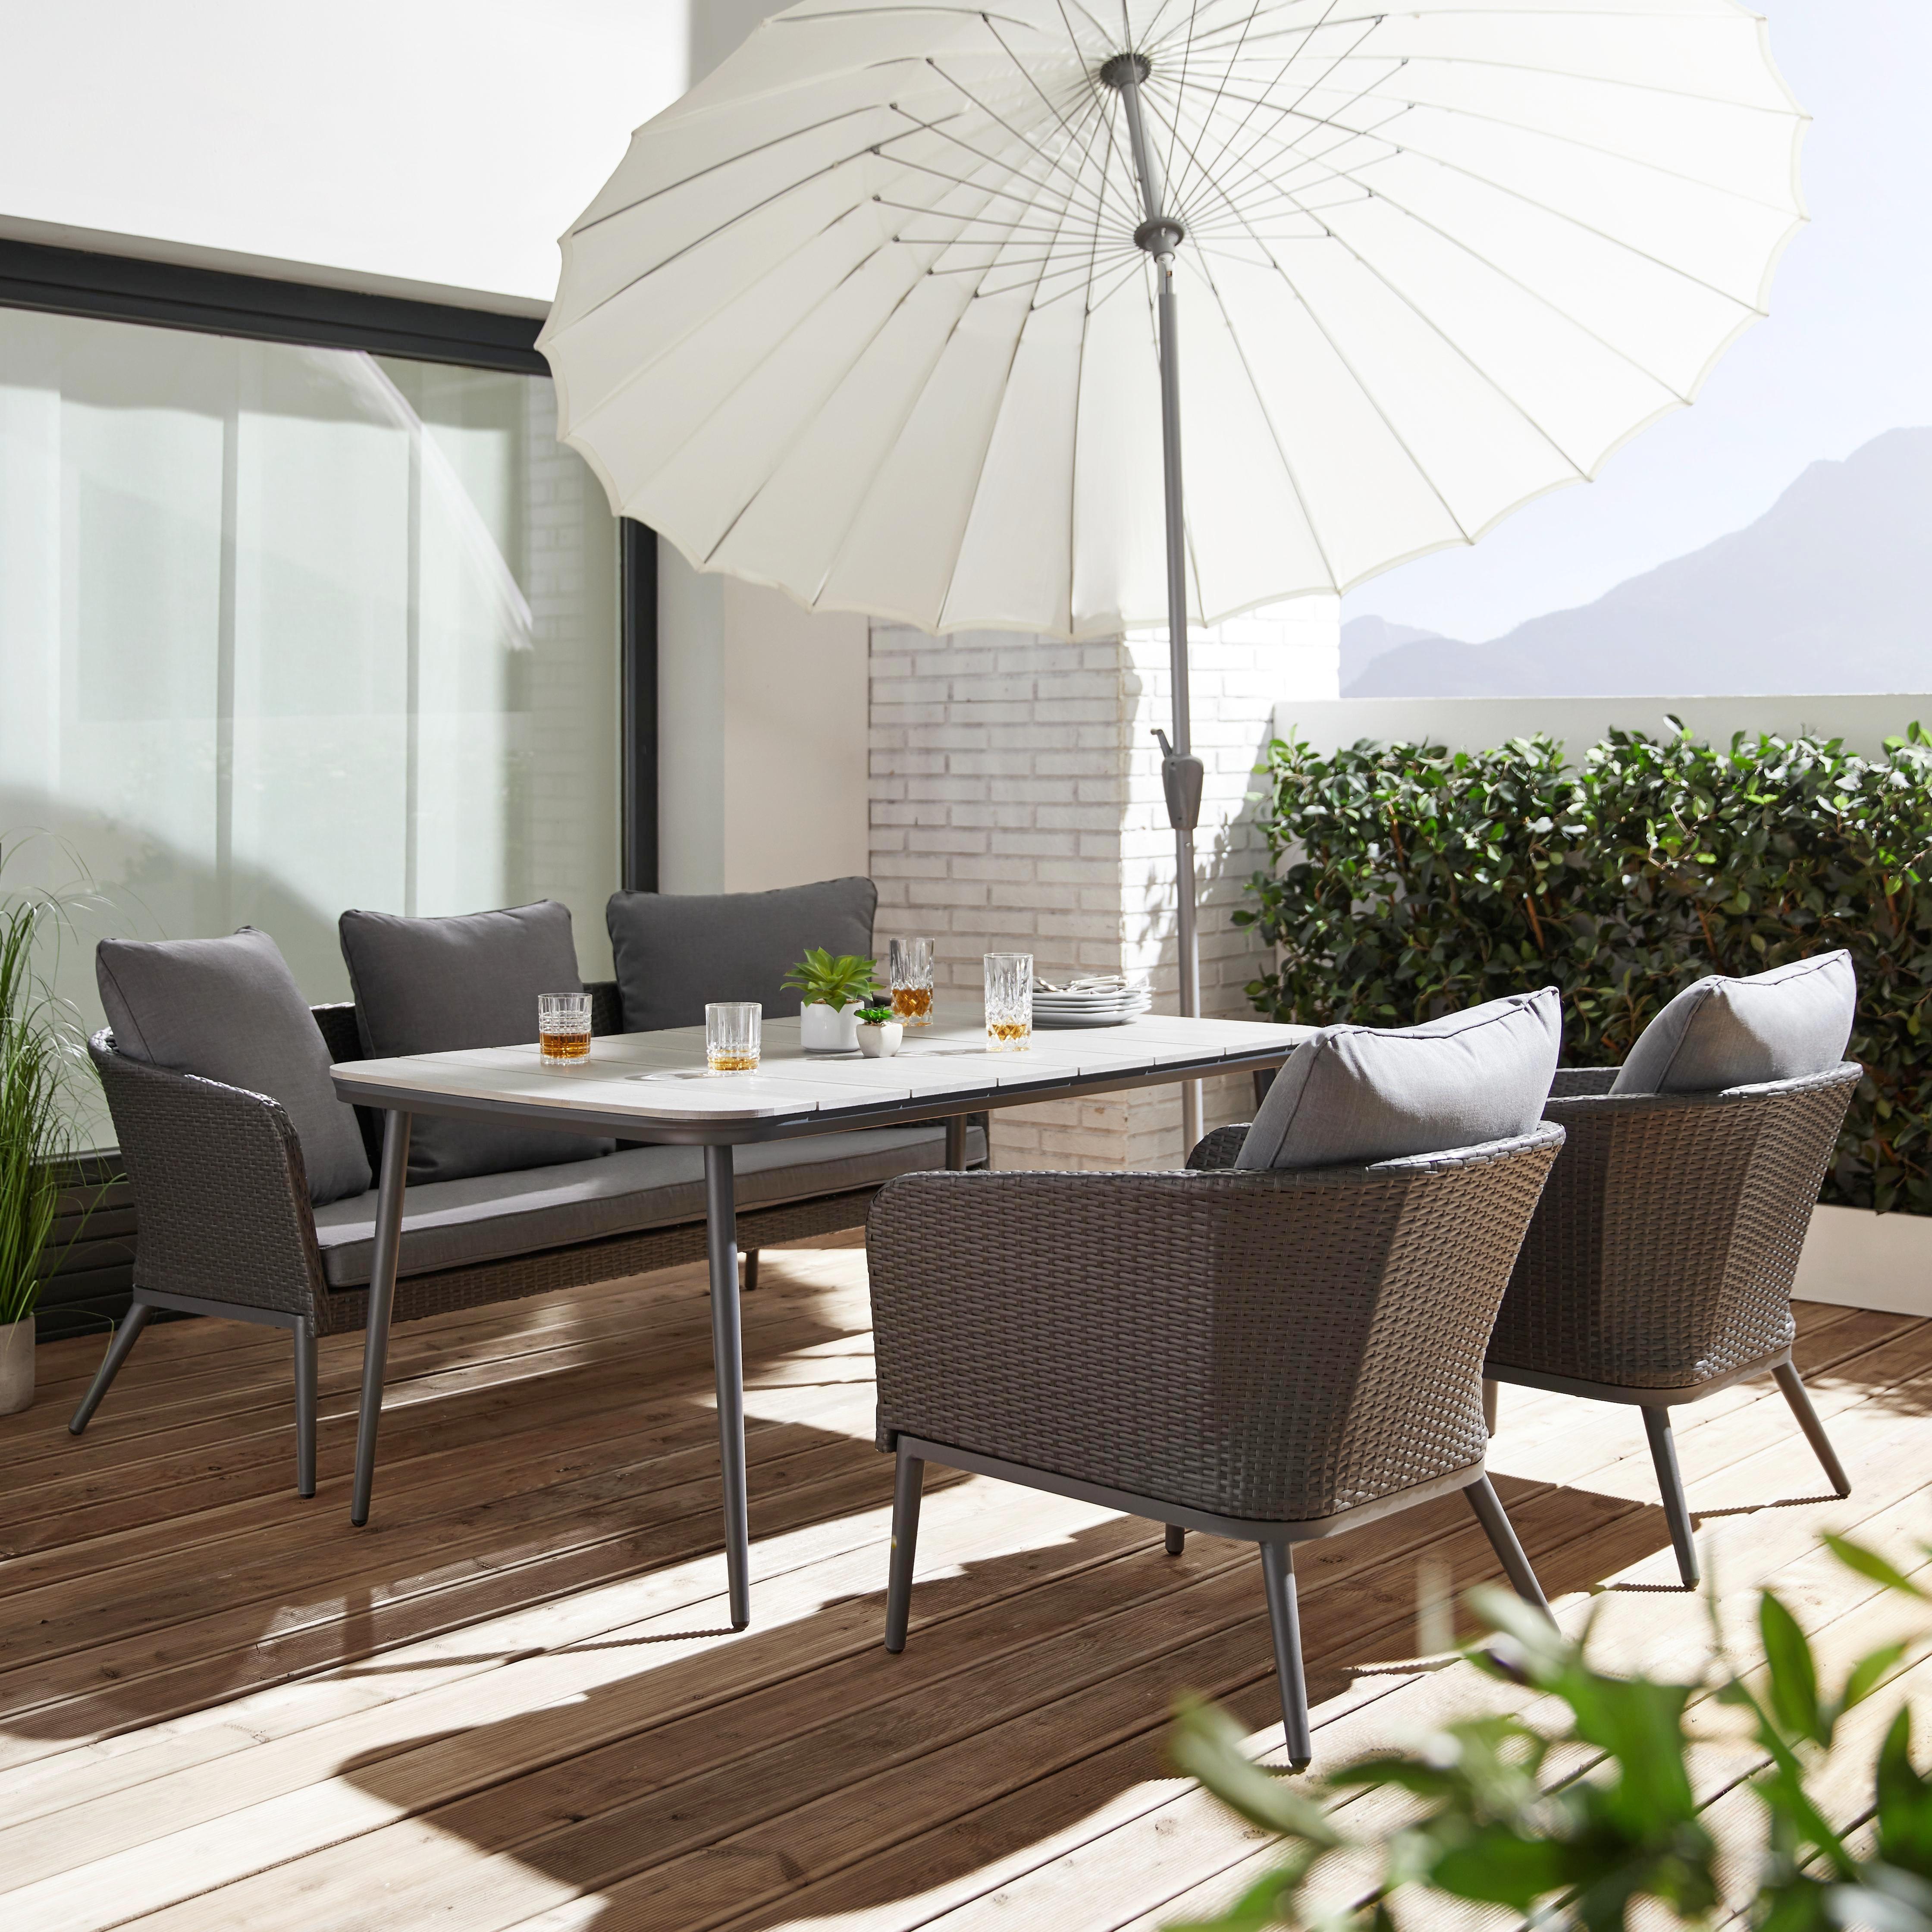 exklusive gartenmobel auflagen, gartenmöbelsets - gartenmöbel - produkte | mömax, Design ideen